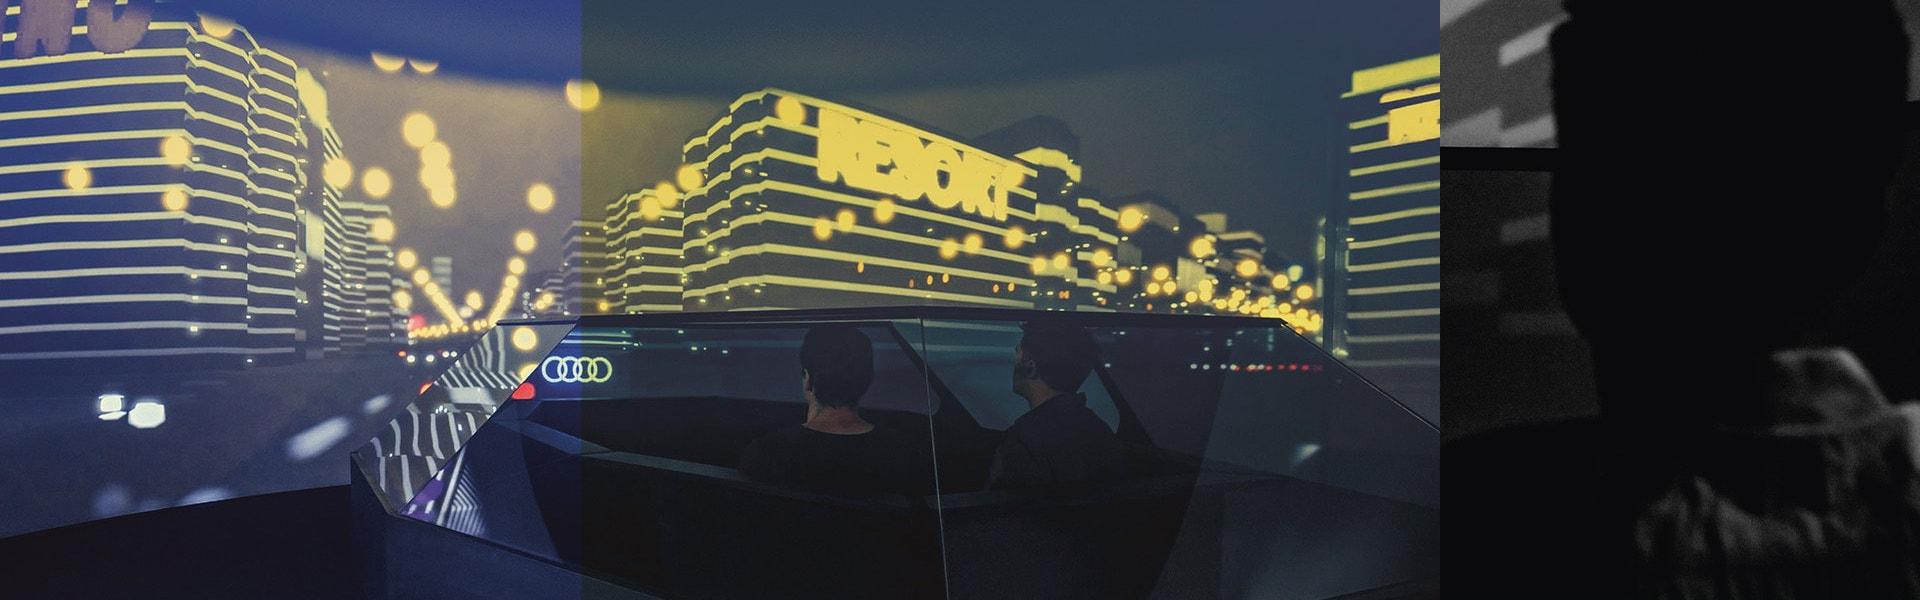 Futuristična slika notranjosti Audi avtomobila. V ozadju mesto in osvetljene zgradbe